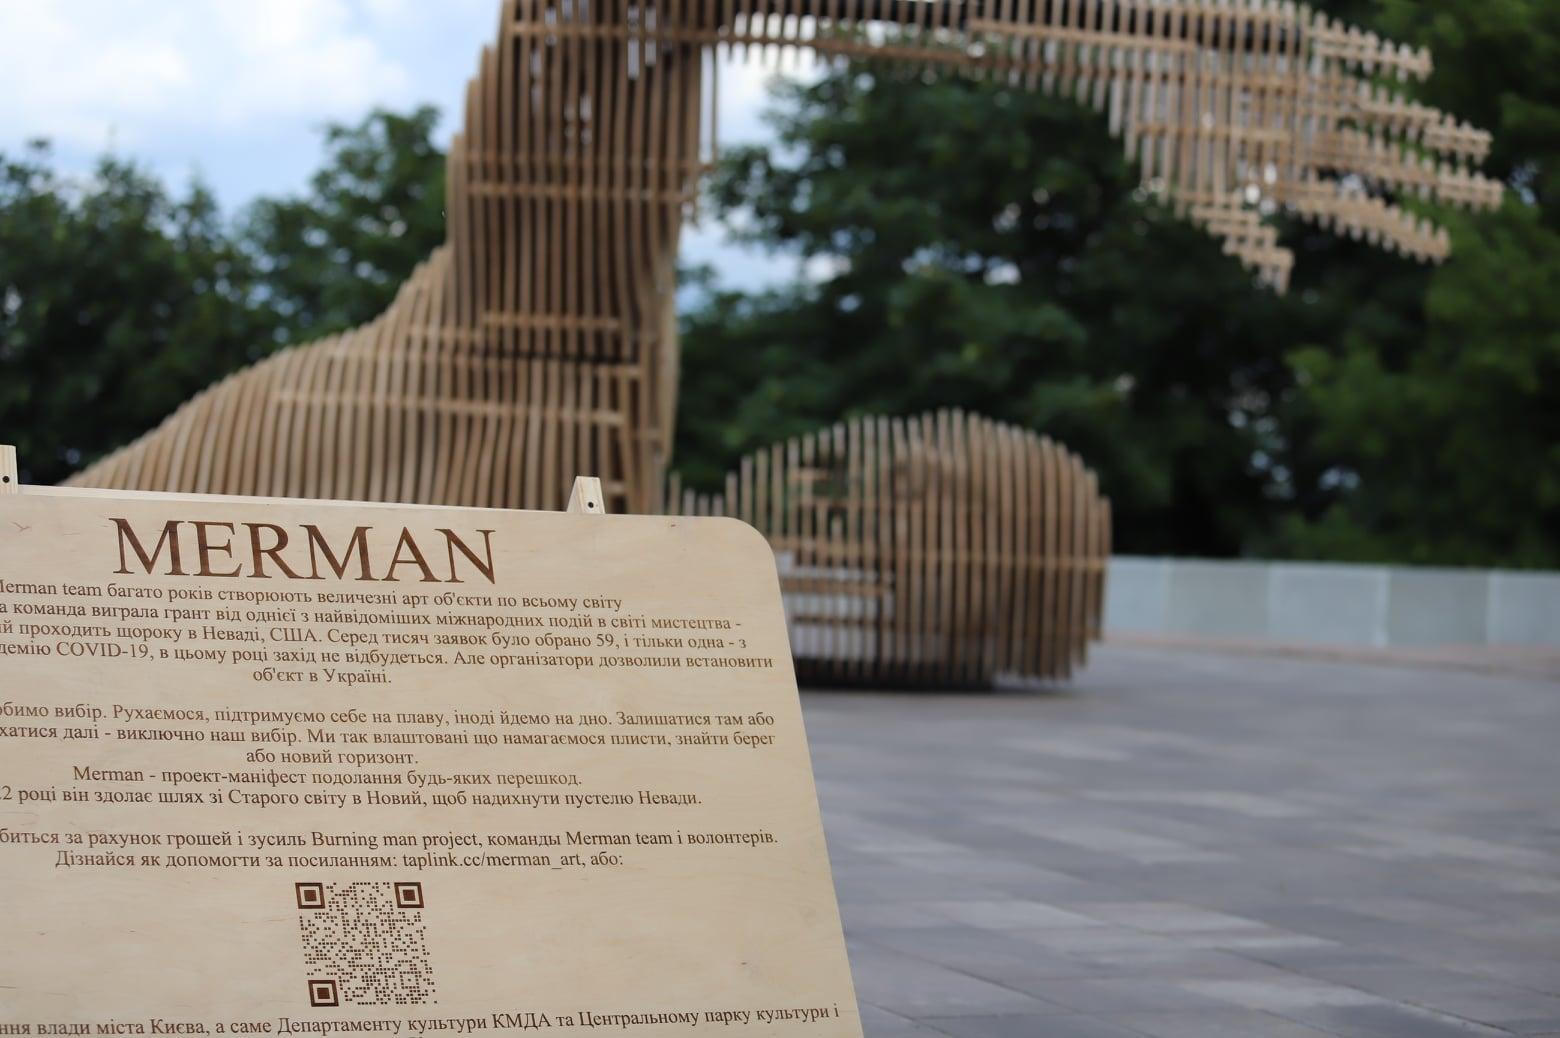 проєкт Merman